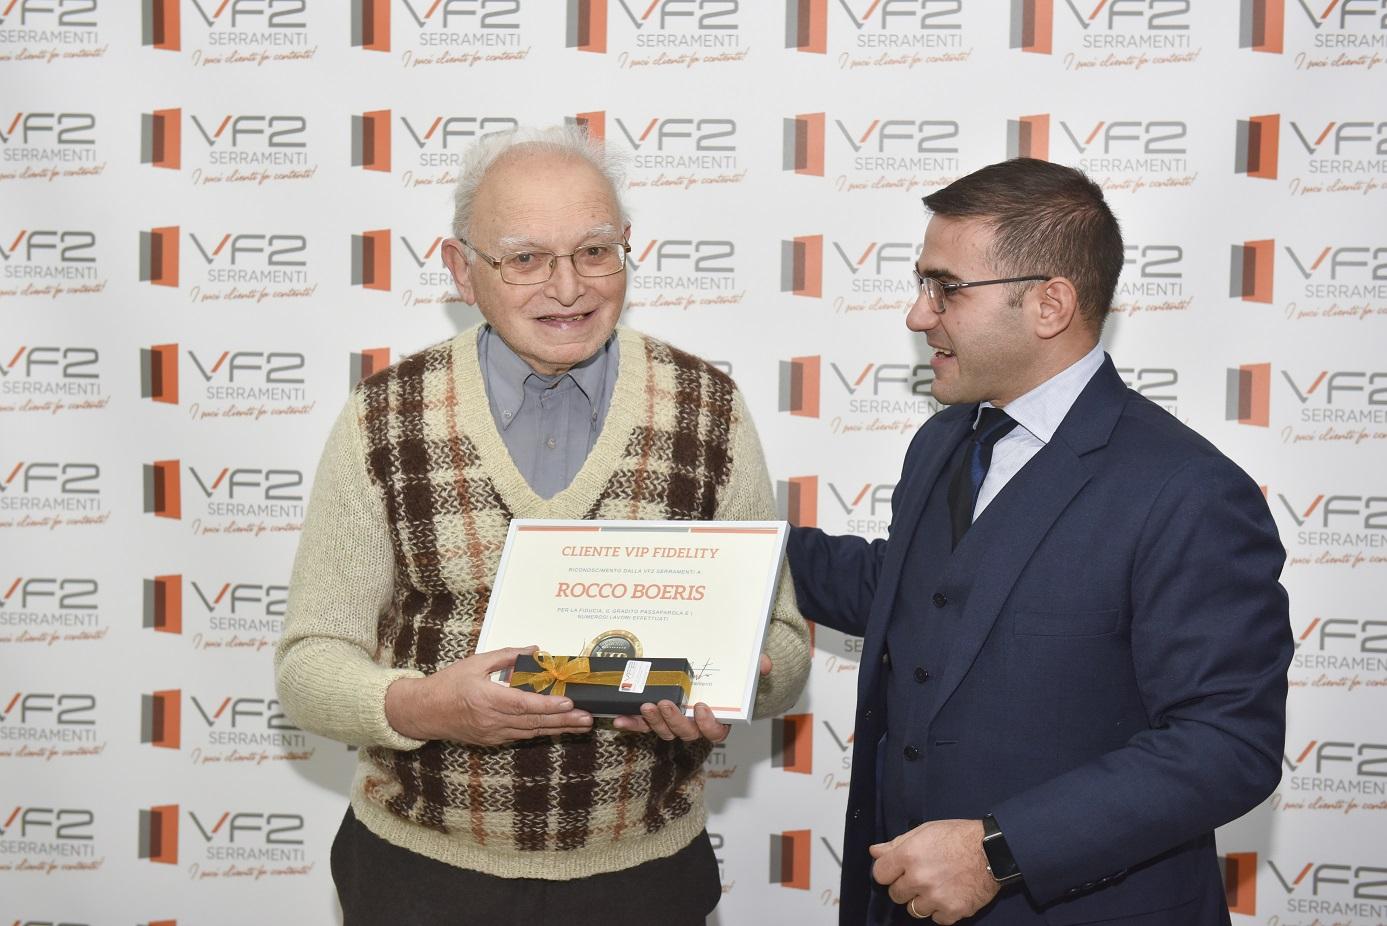 Vf2 Serramenti Riconoscimenti Rocco Boeris